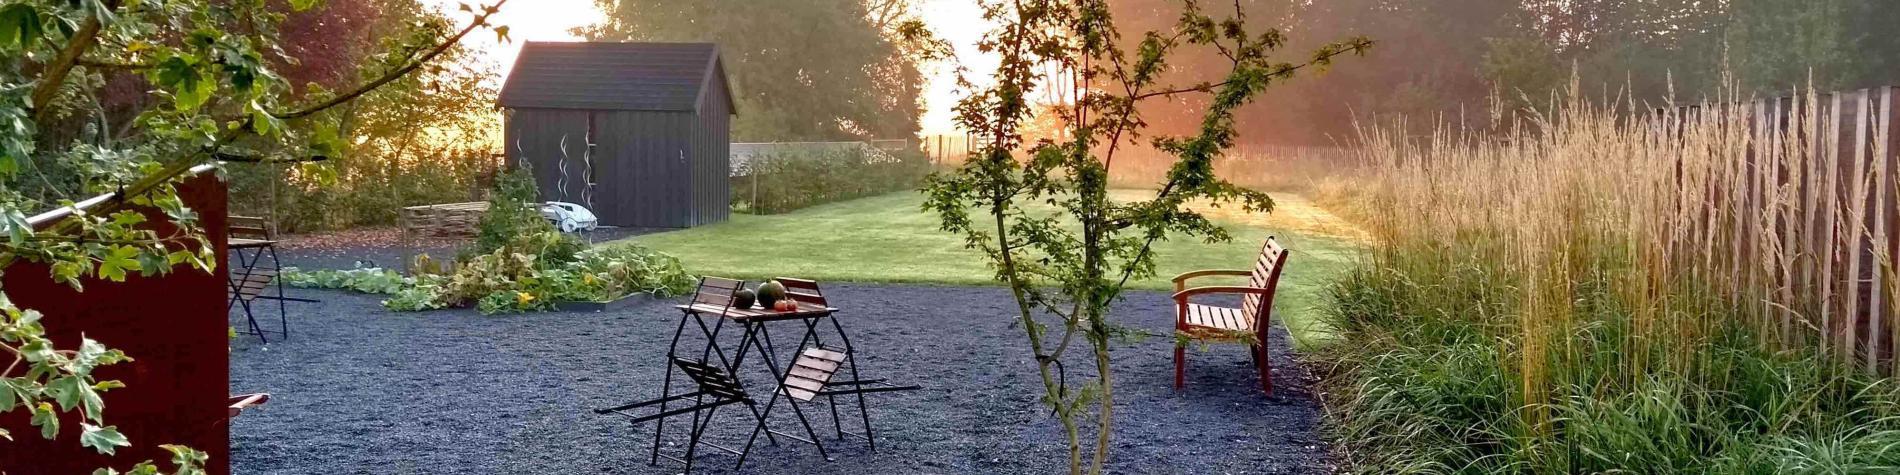 Chambres d'hôtes dimensions M vue sur le jardin